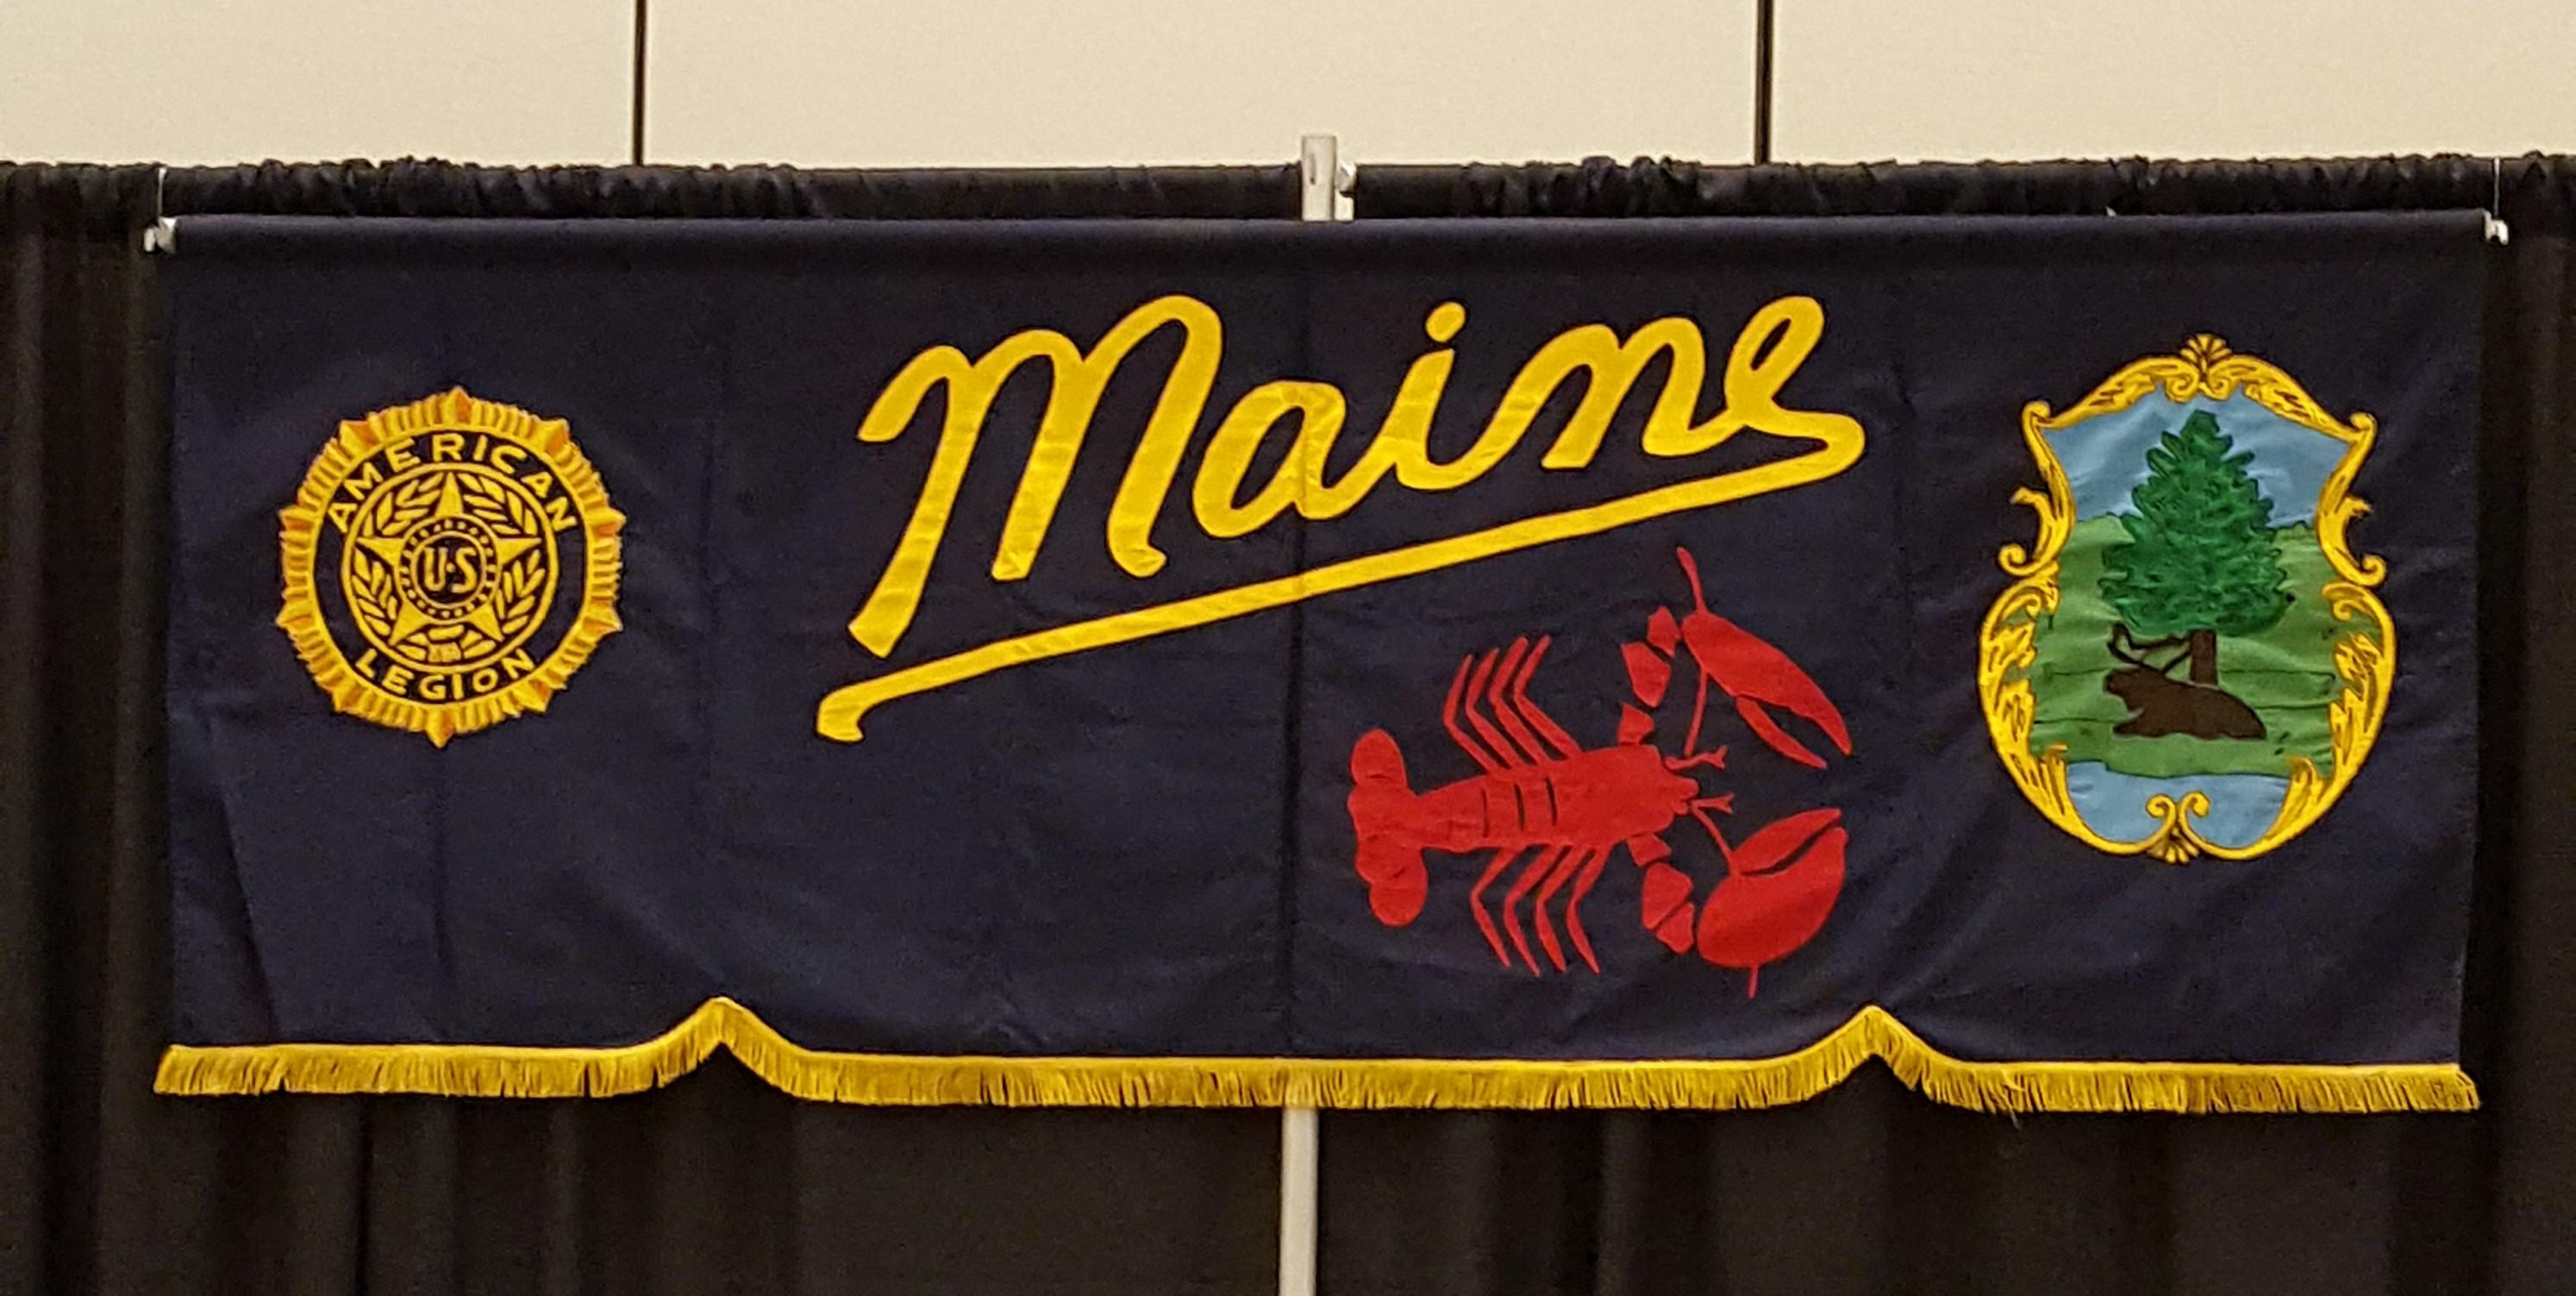 Department of Maine